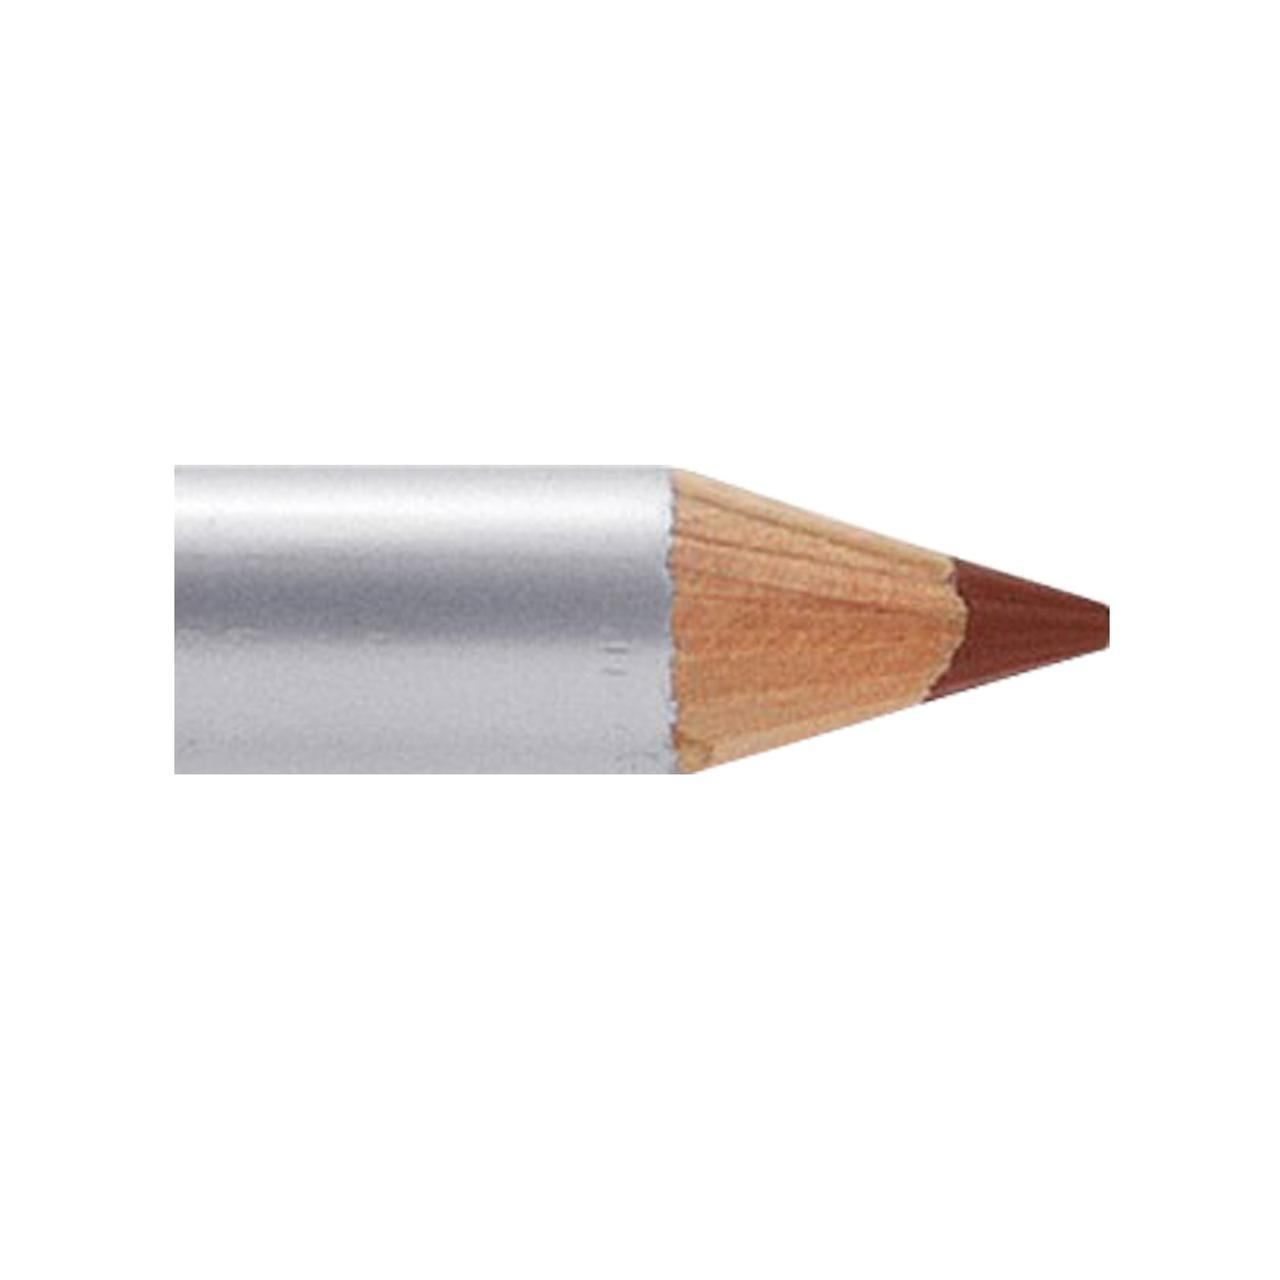 """Prestige Cosmetics, Классический карандаш для бровей, Бурый ,04 унции (1,1 г) - """"Лидa+"""" биодобавки, витамины, минералы по минимальным ценам.  в Киеве"""